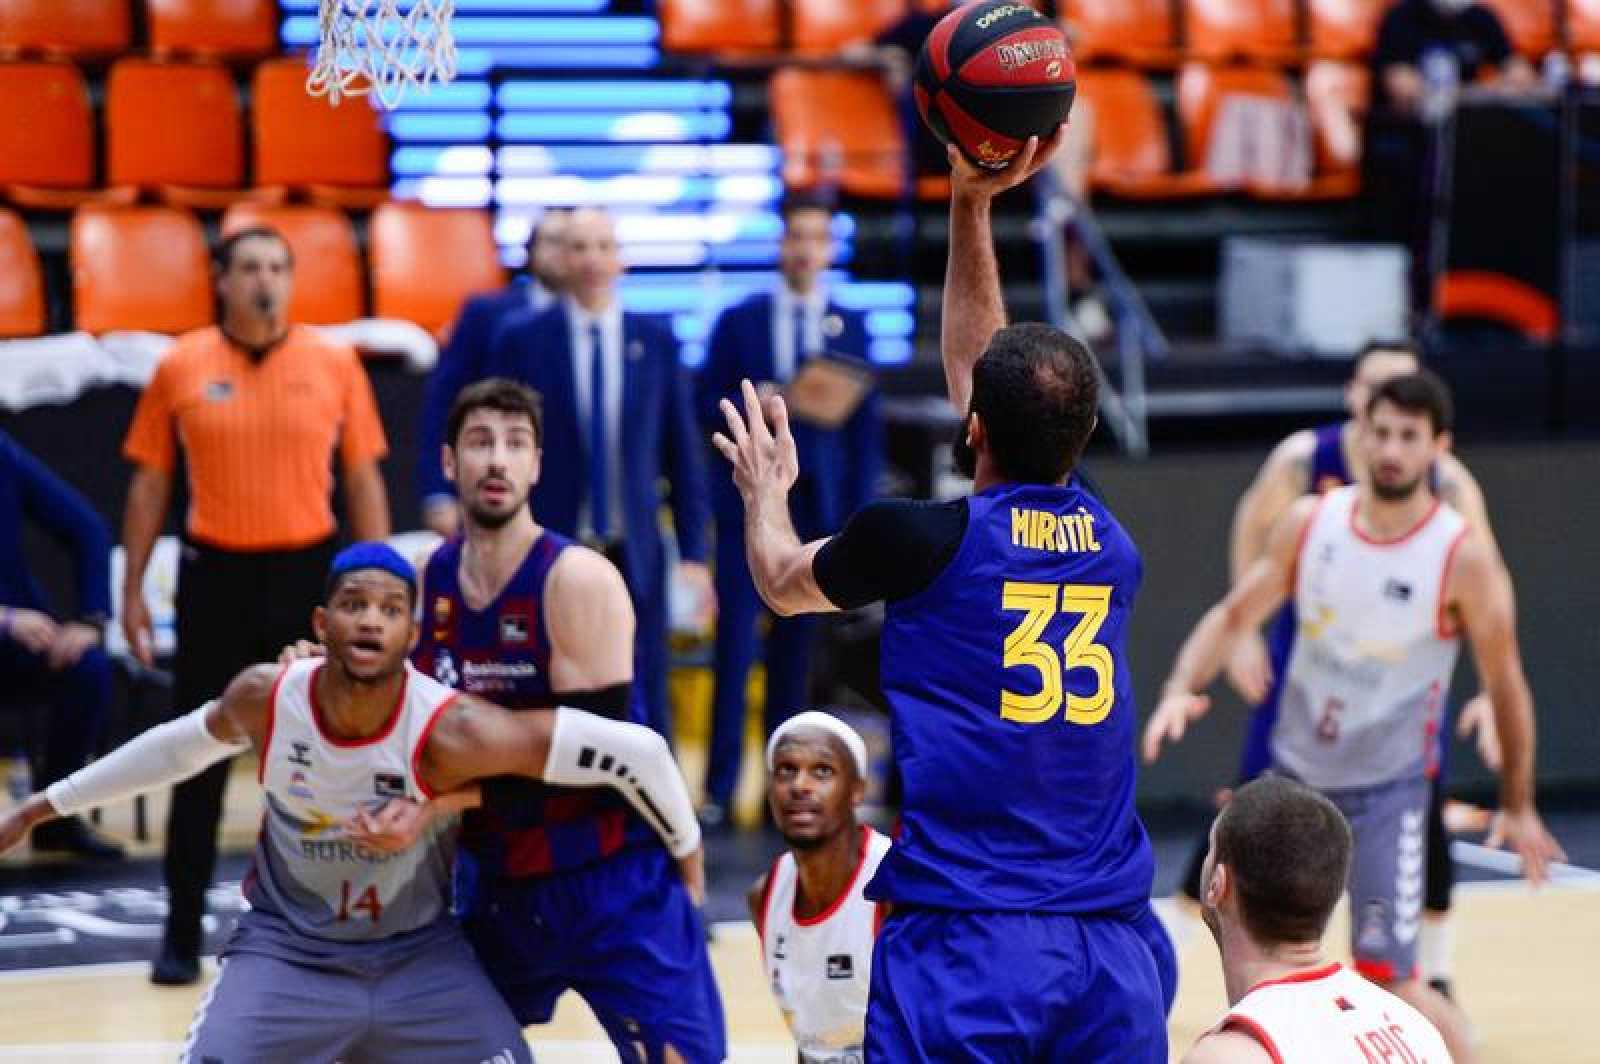 Nikola Mirotic lanza a canasta en la semifinal Barça-Burgos.